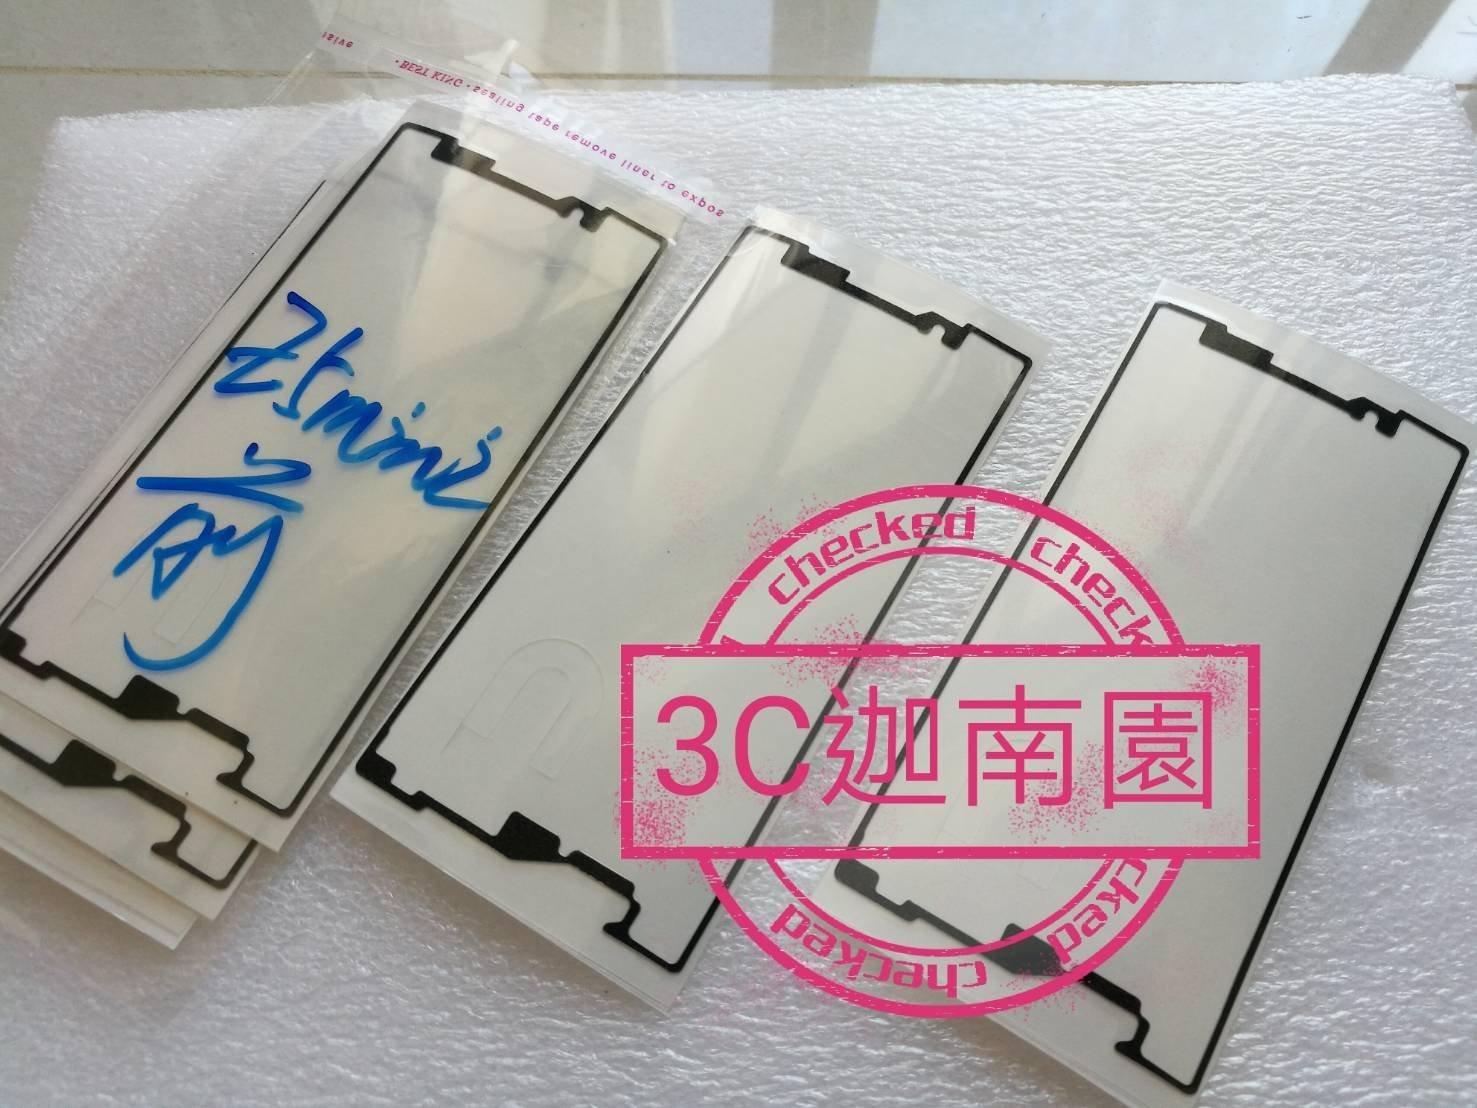 【3M IP防水級】現貨 全新 SONY Xperia Z5 MINI 原廠螢幕膠 前背膠 面板背膠 黏膠 防水膠條